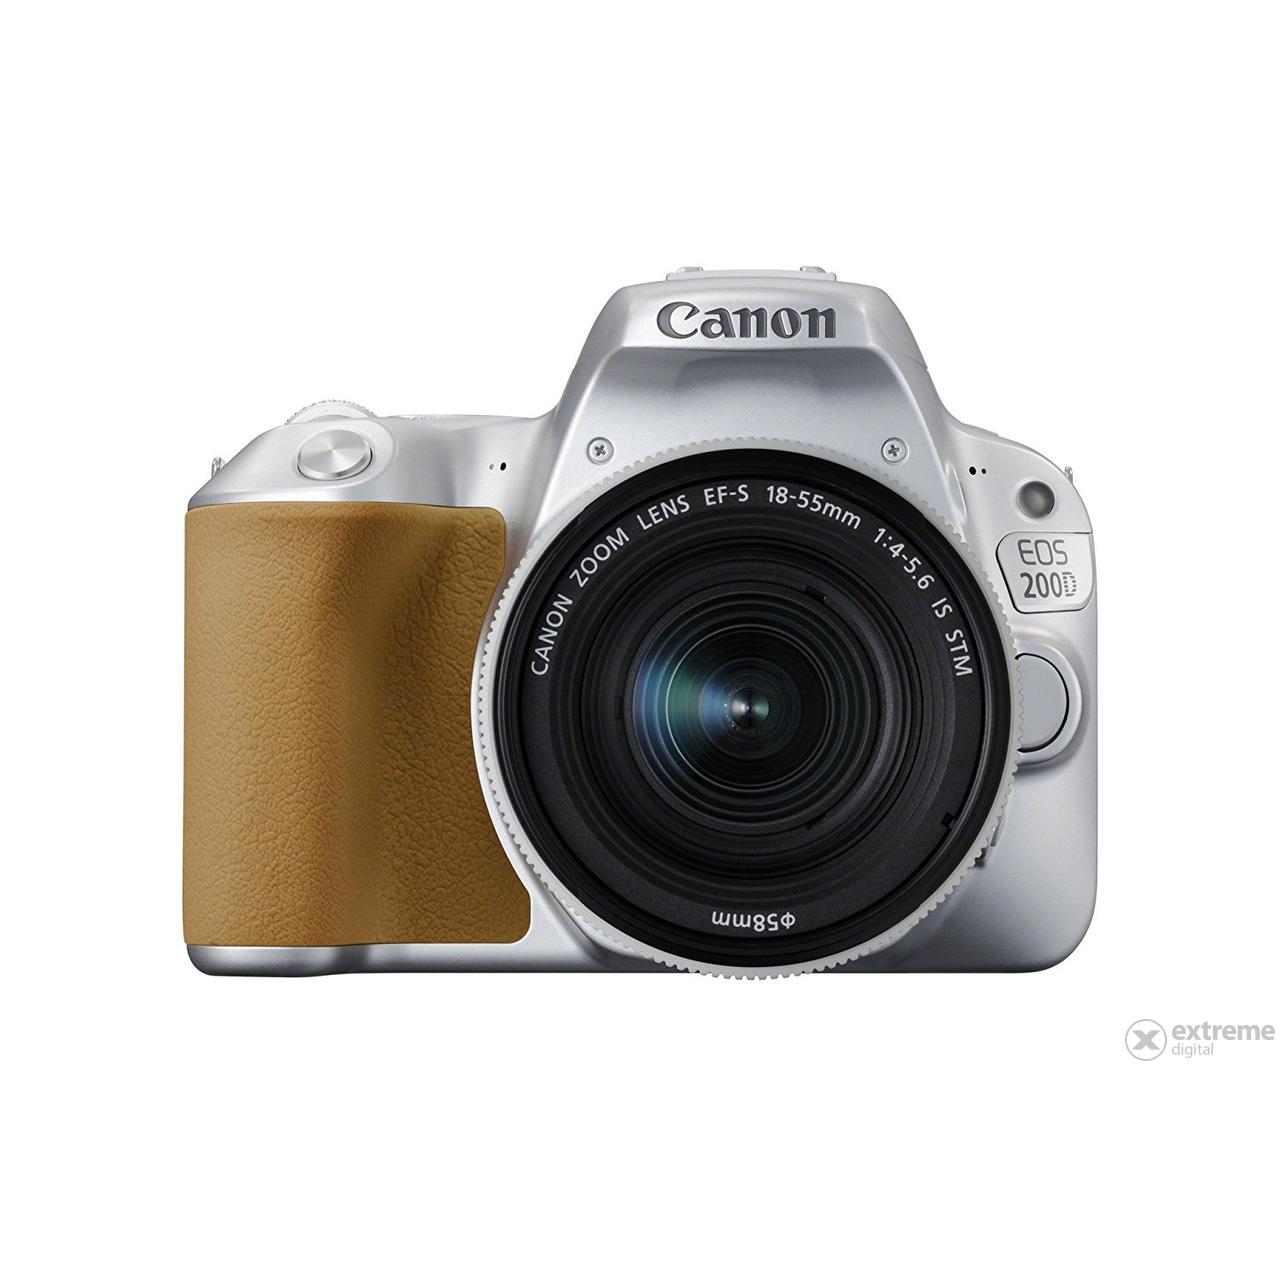 Canon Eos 200d Kamera Kit Mit Ef 18 55mm Is Stm Objektiv Silber 800d 135mm Paket